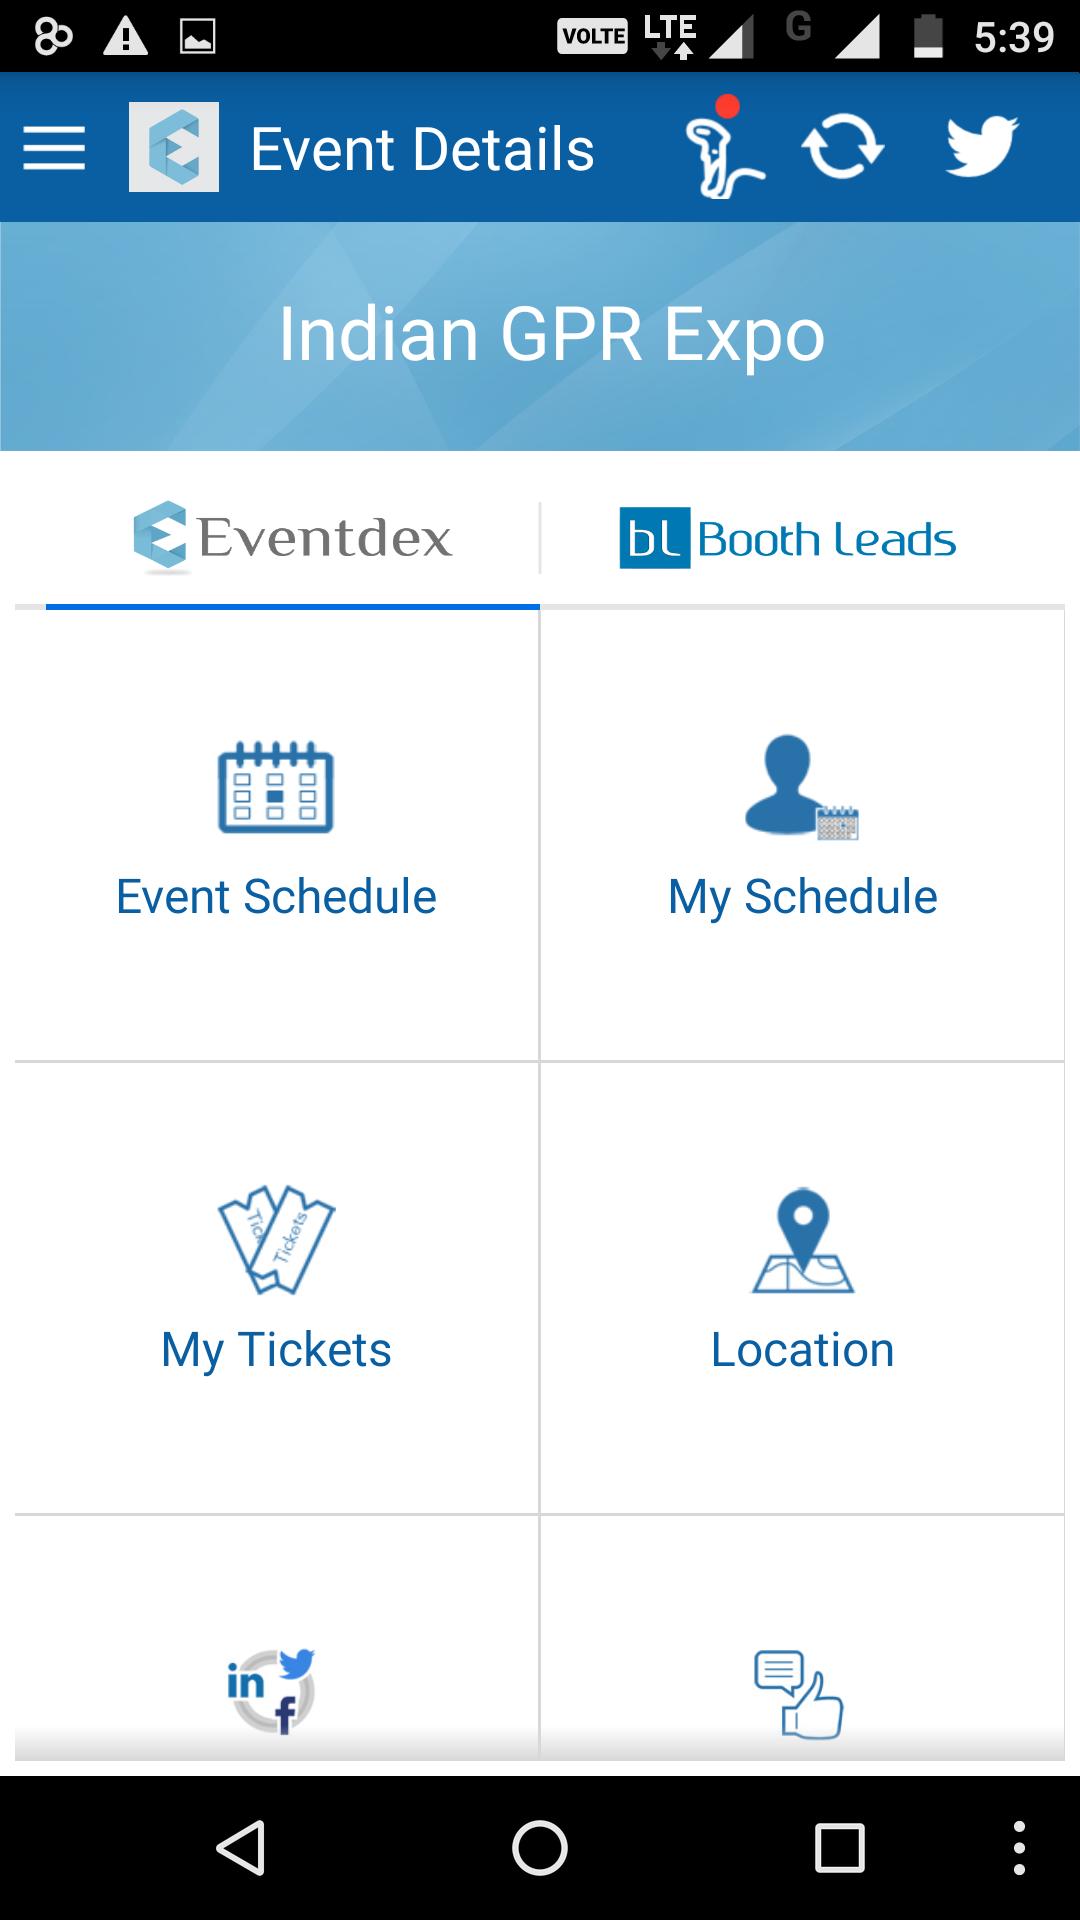 Eventdex Software - Event details